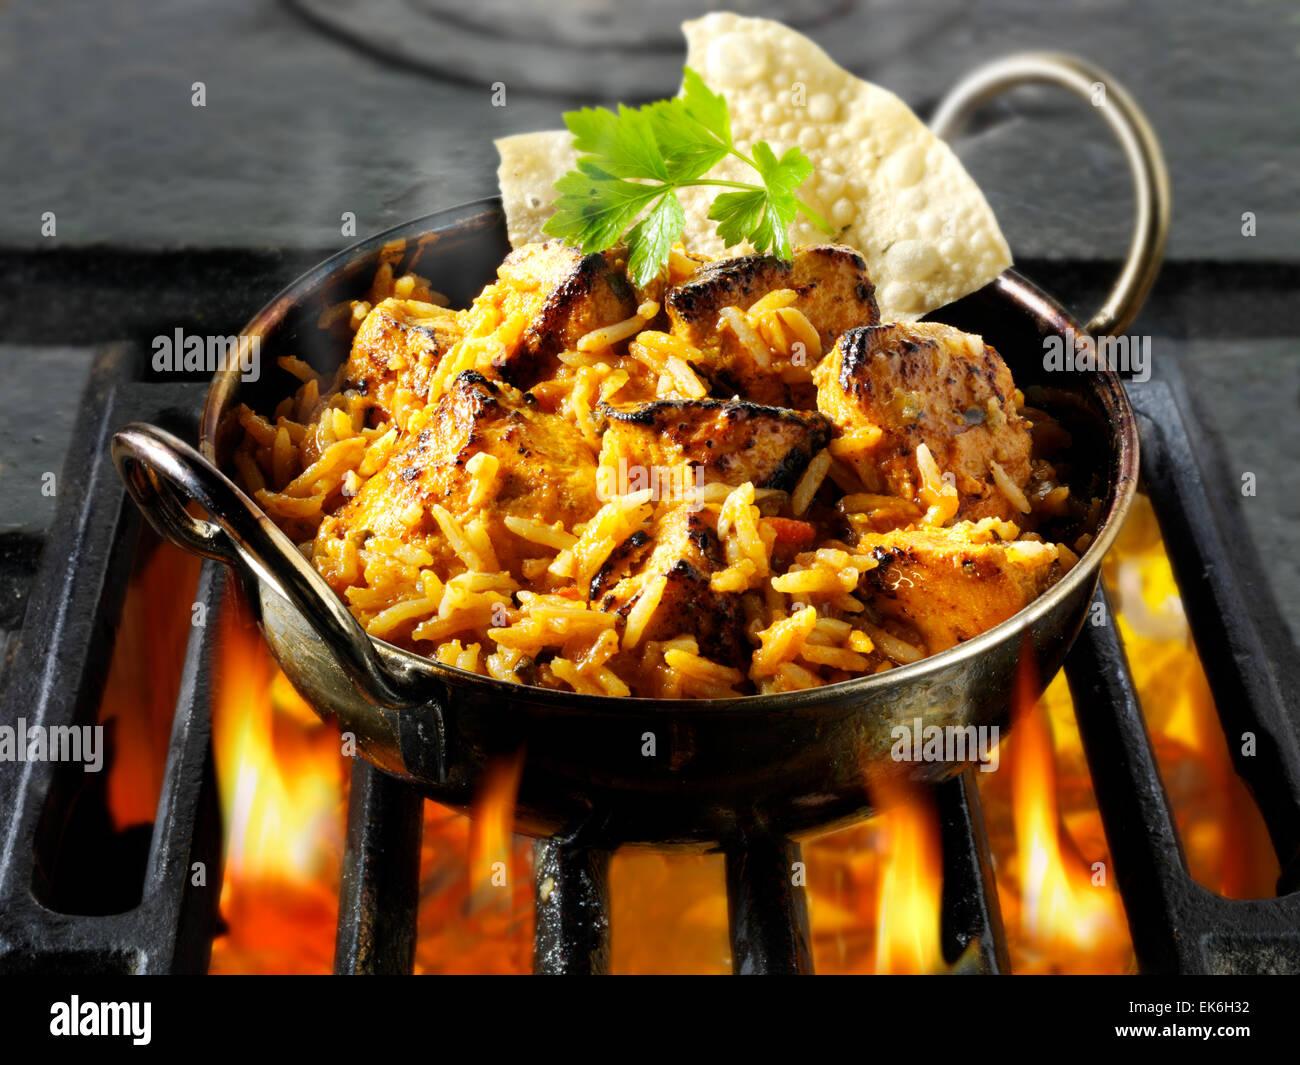 Poulet Tikka Byriani par cuisson dans une casserole. Recette de cuisine indienne. Photo Stock